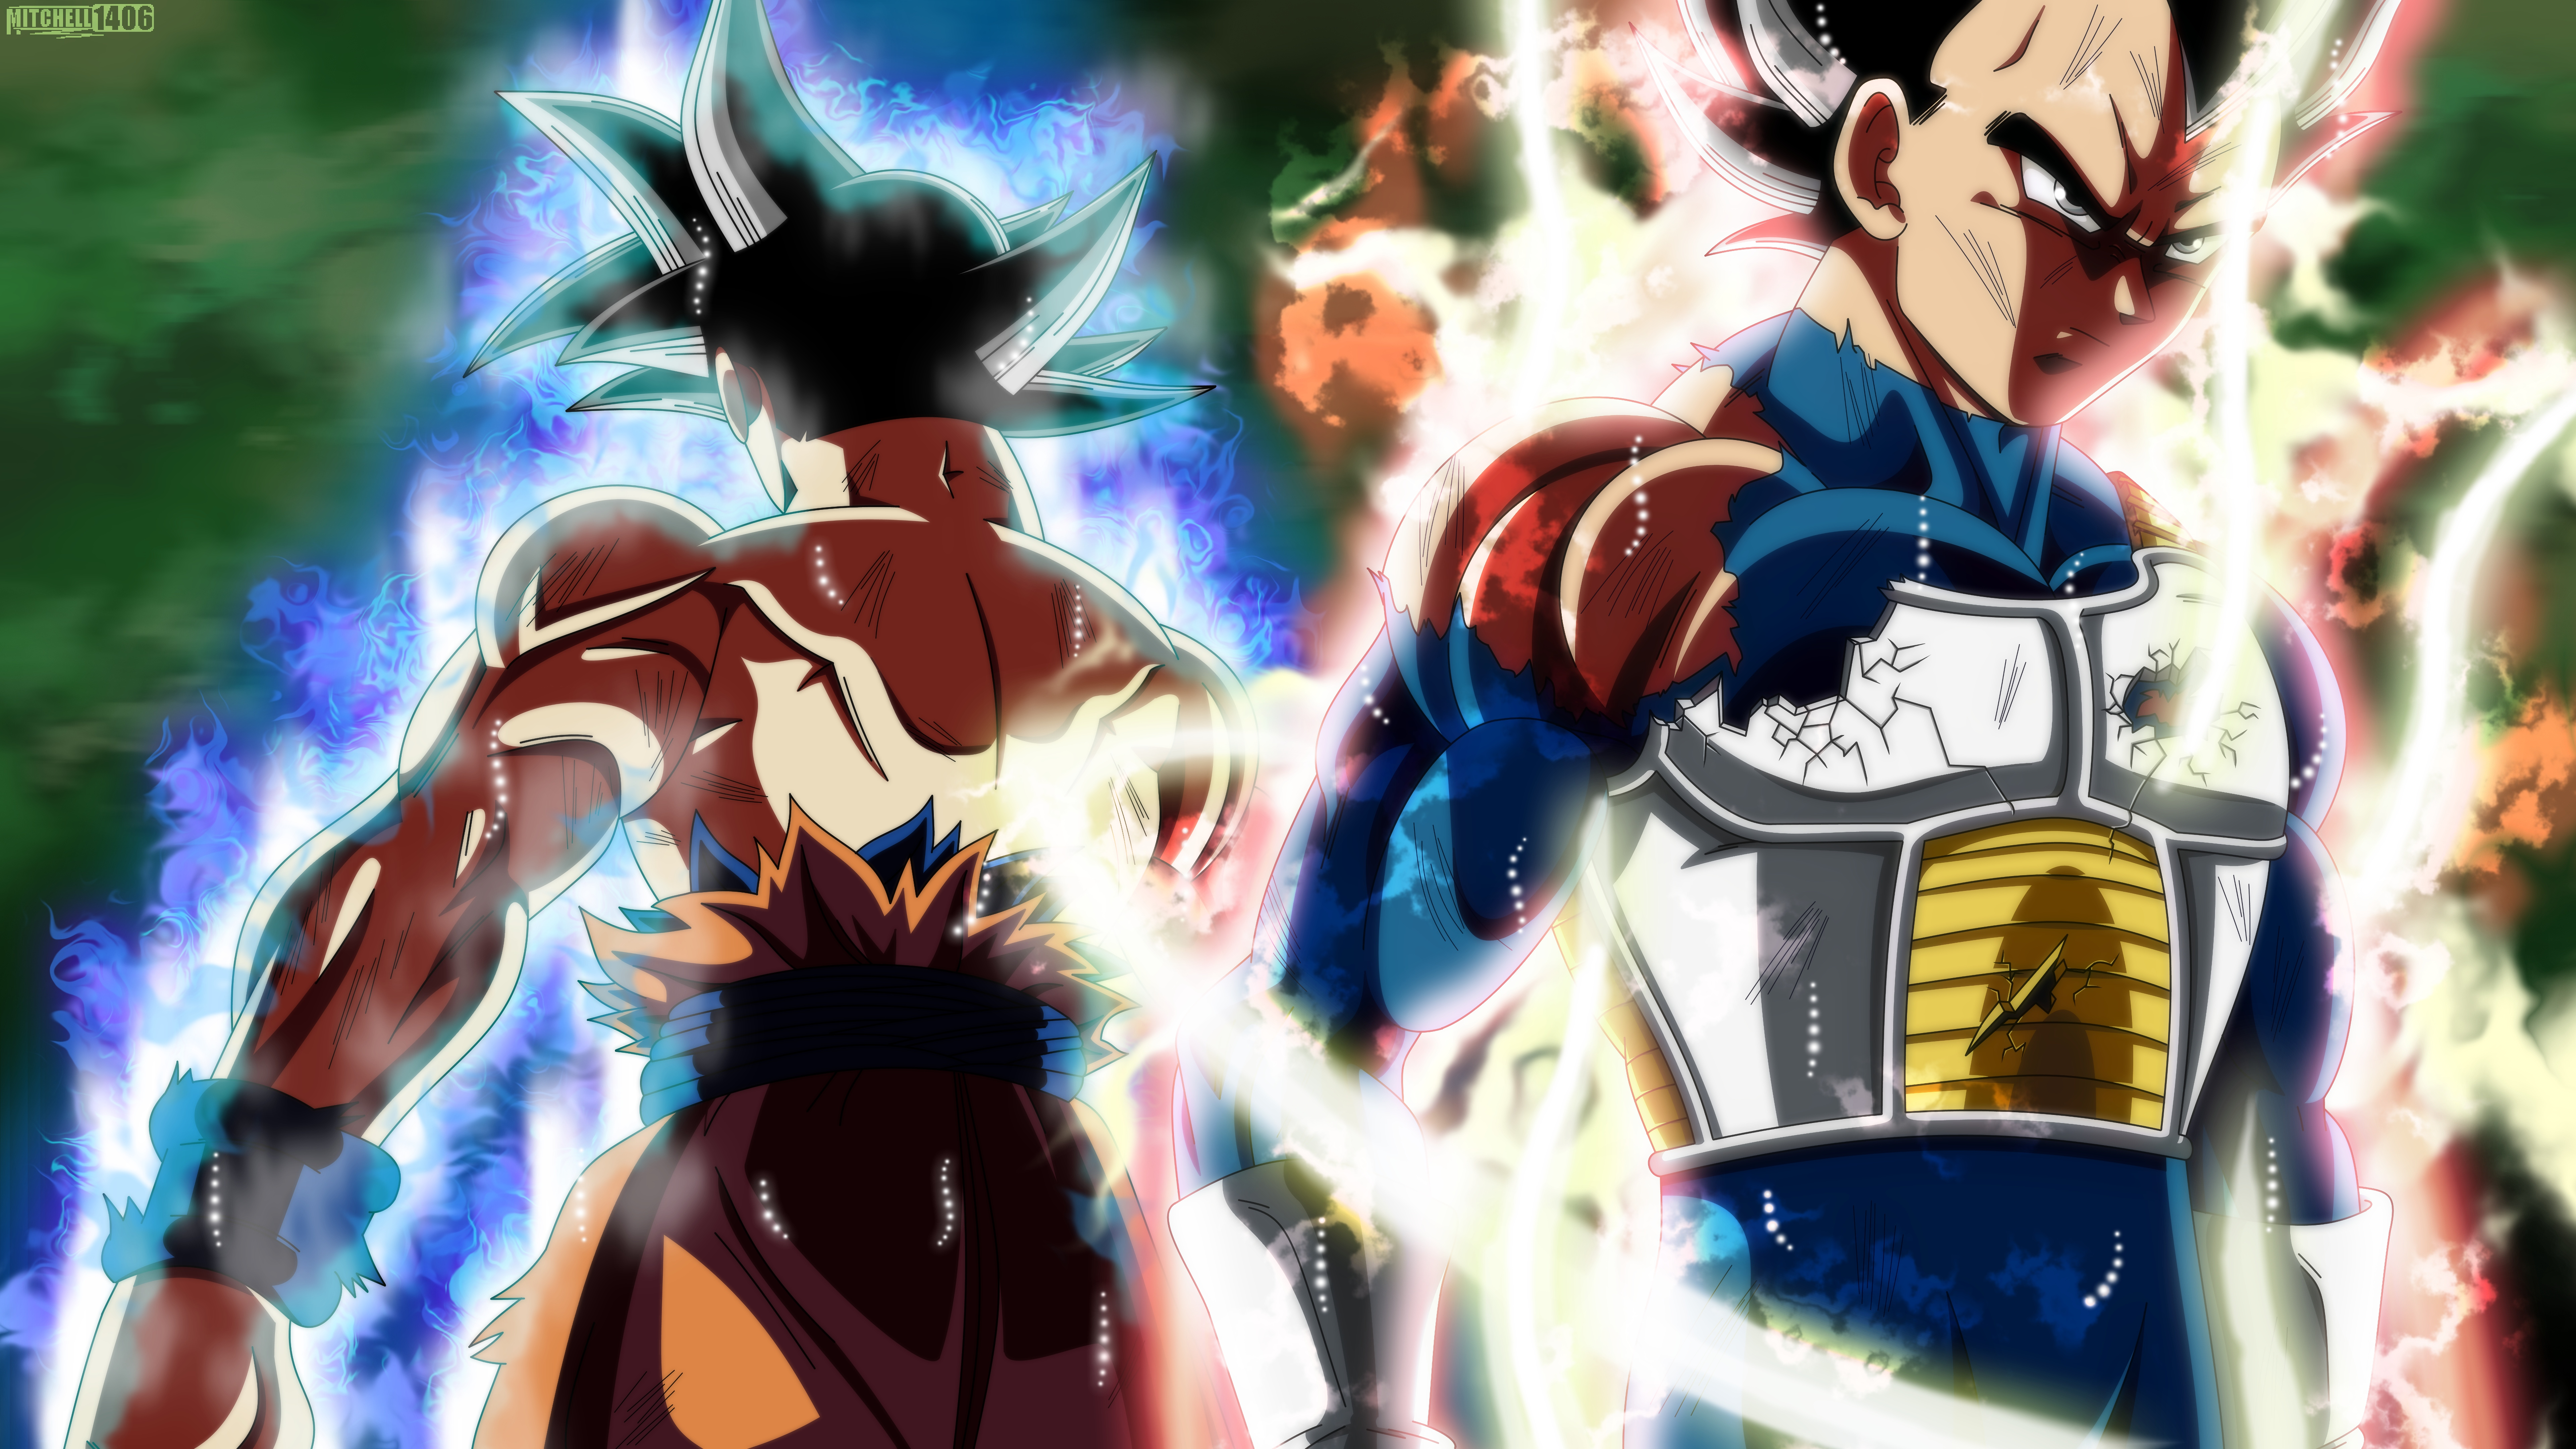 Goku And Vegeta Wallpaper 7680x4320 Wallpaper Teahub Io